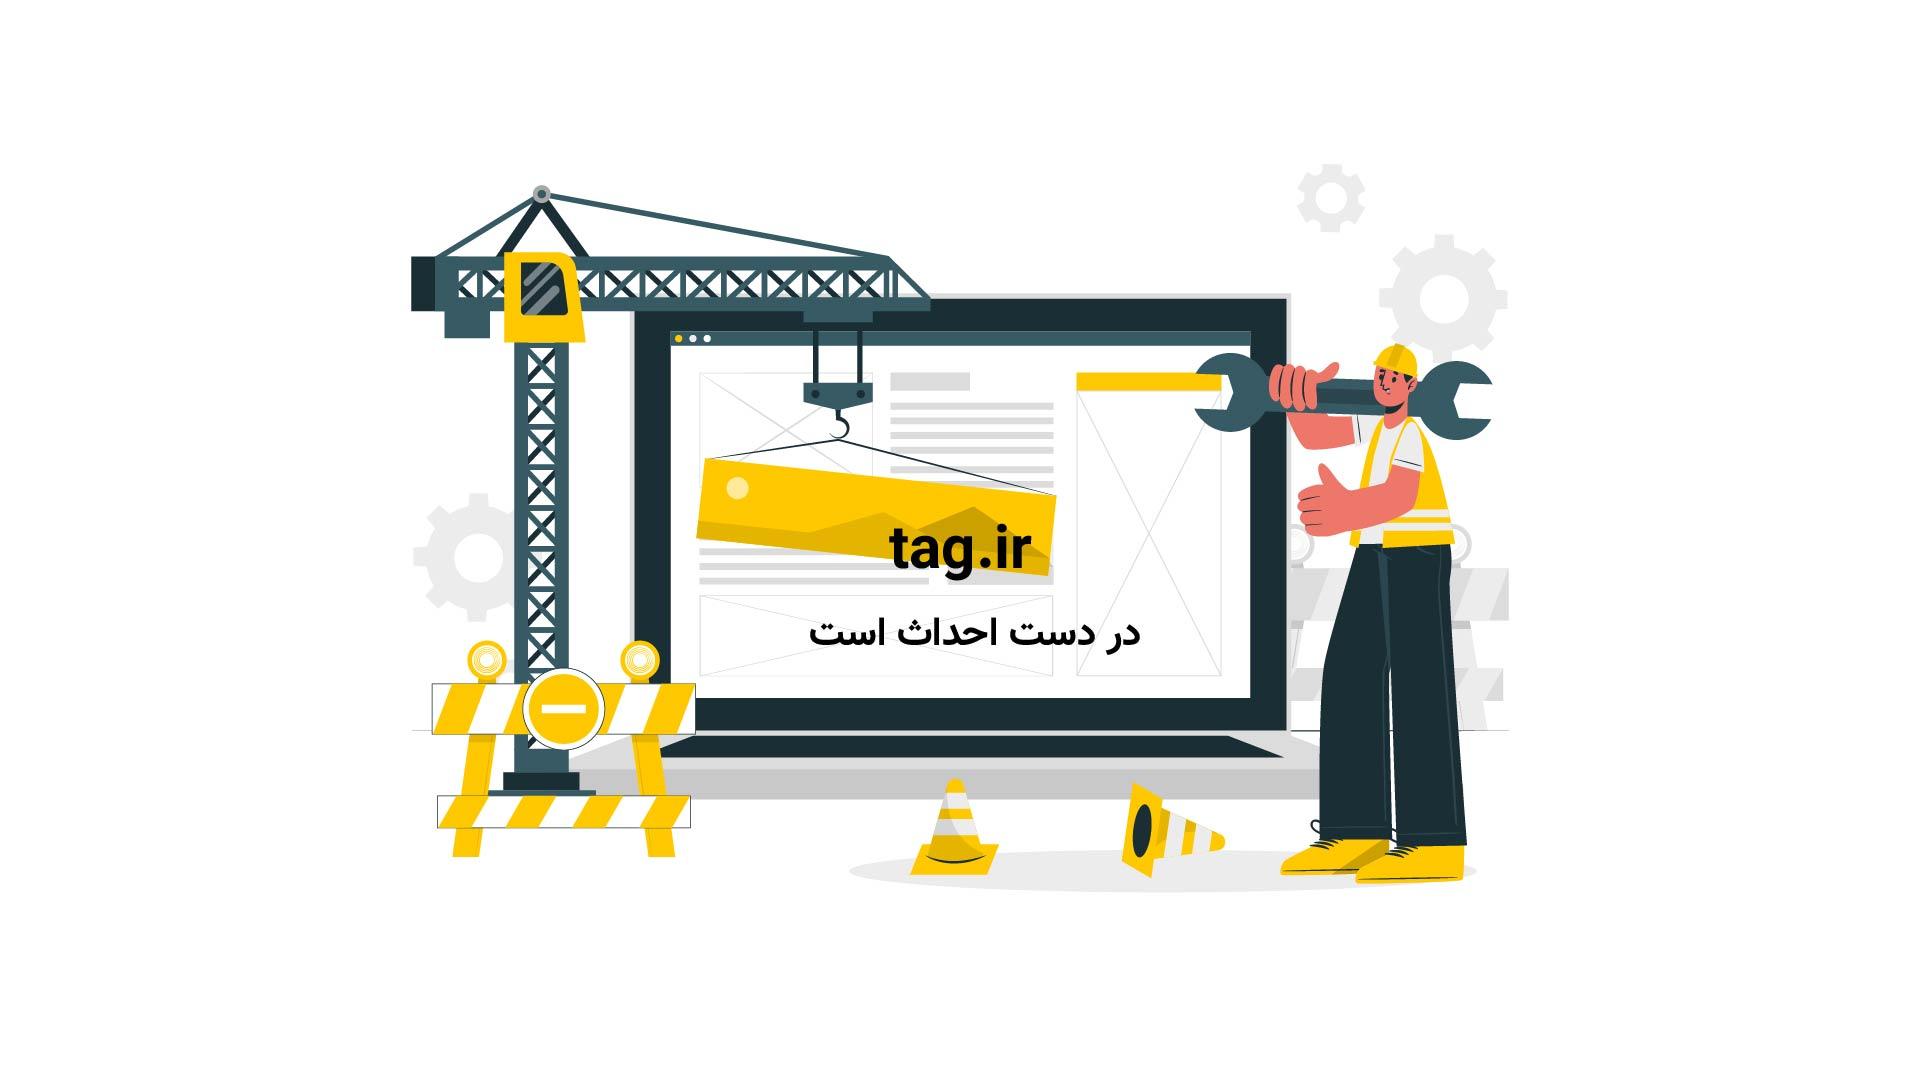 حادثه ناگوار در یکی از شهربازیهای چین | فیلم